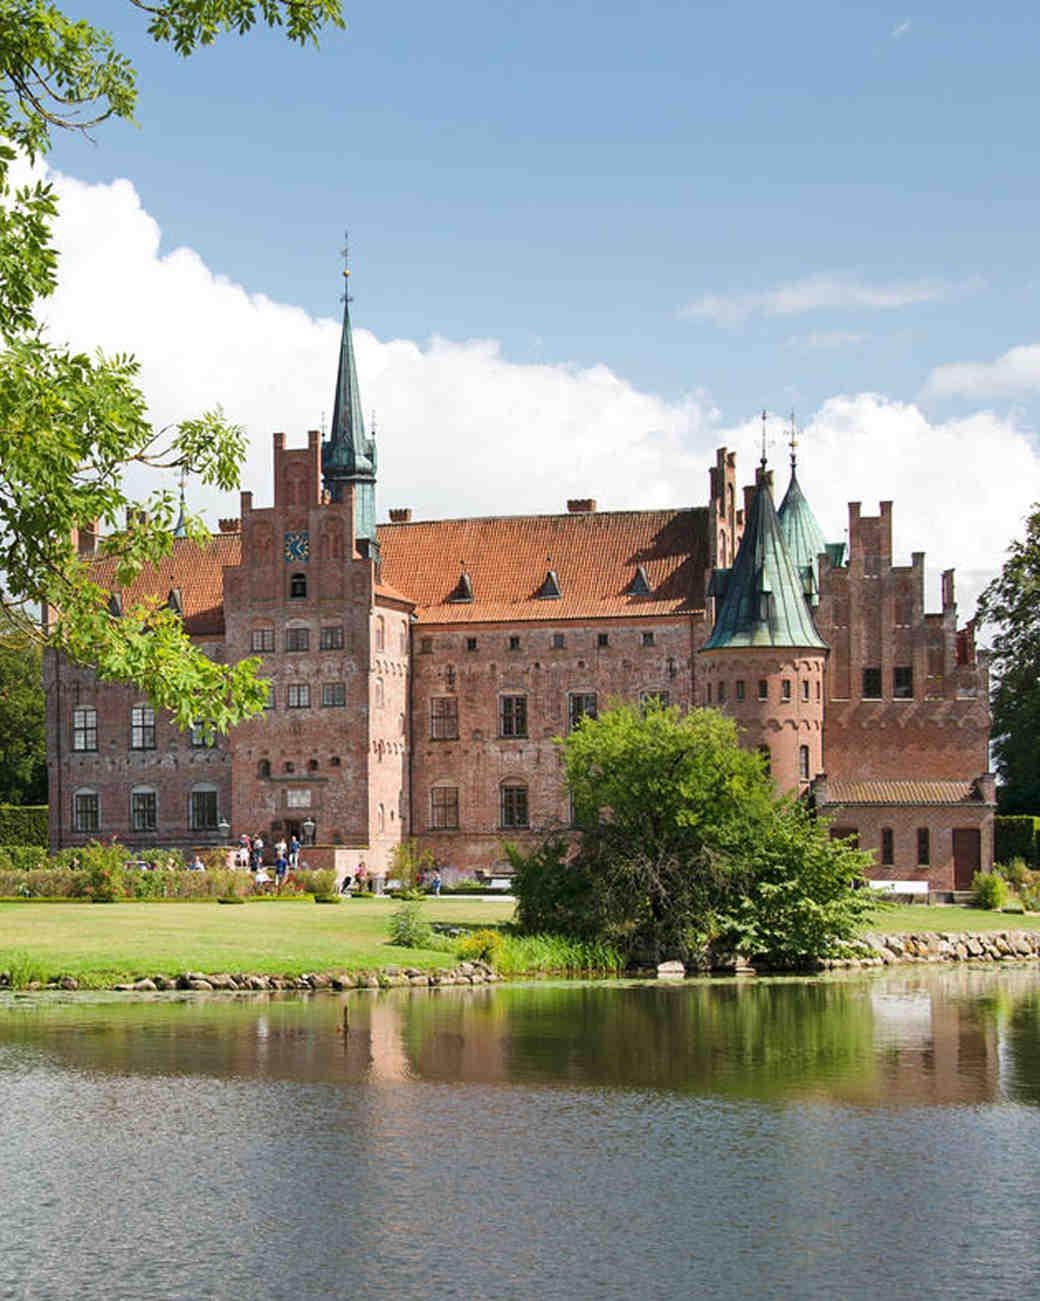 قلعه ی اگسکوف دانمارک